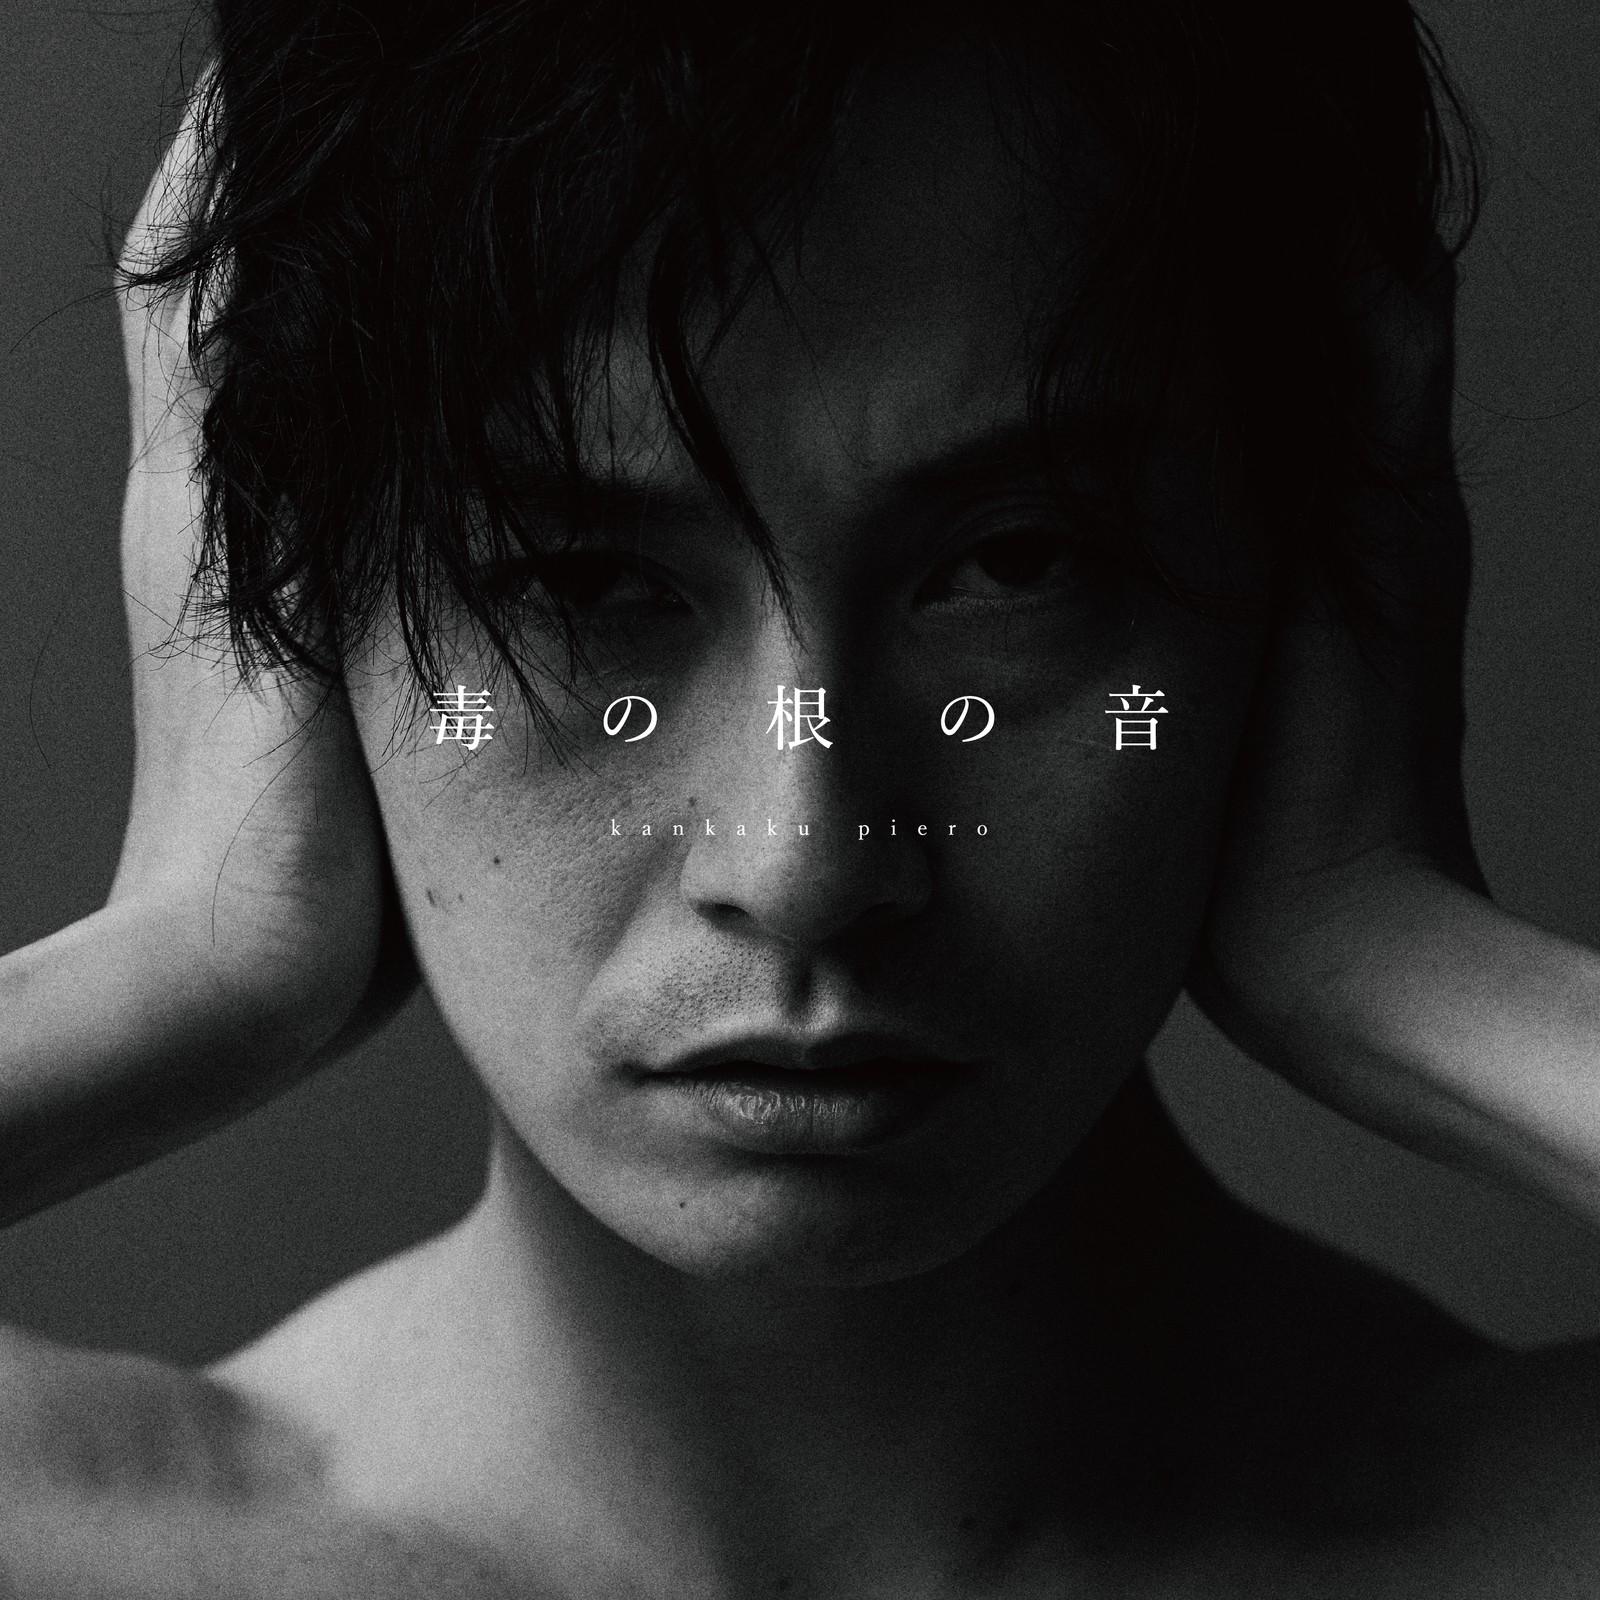 Download Kankaku Piero Doku No Ne No Ne single